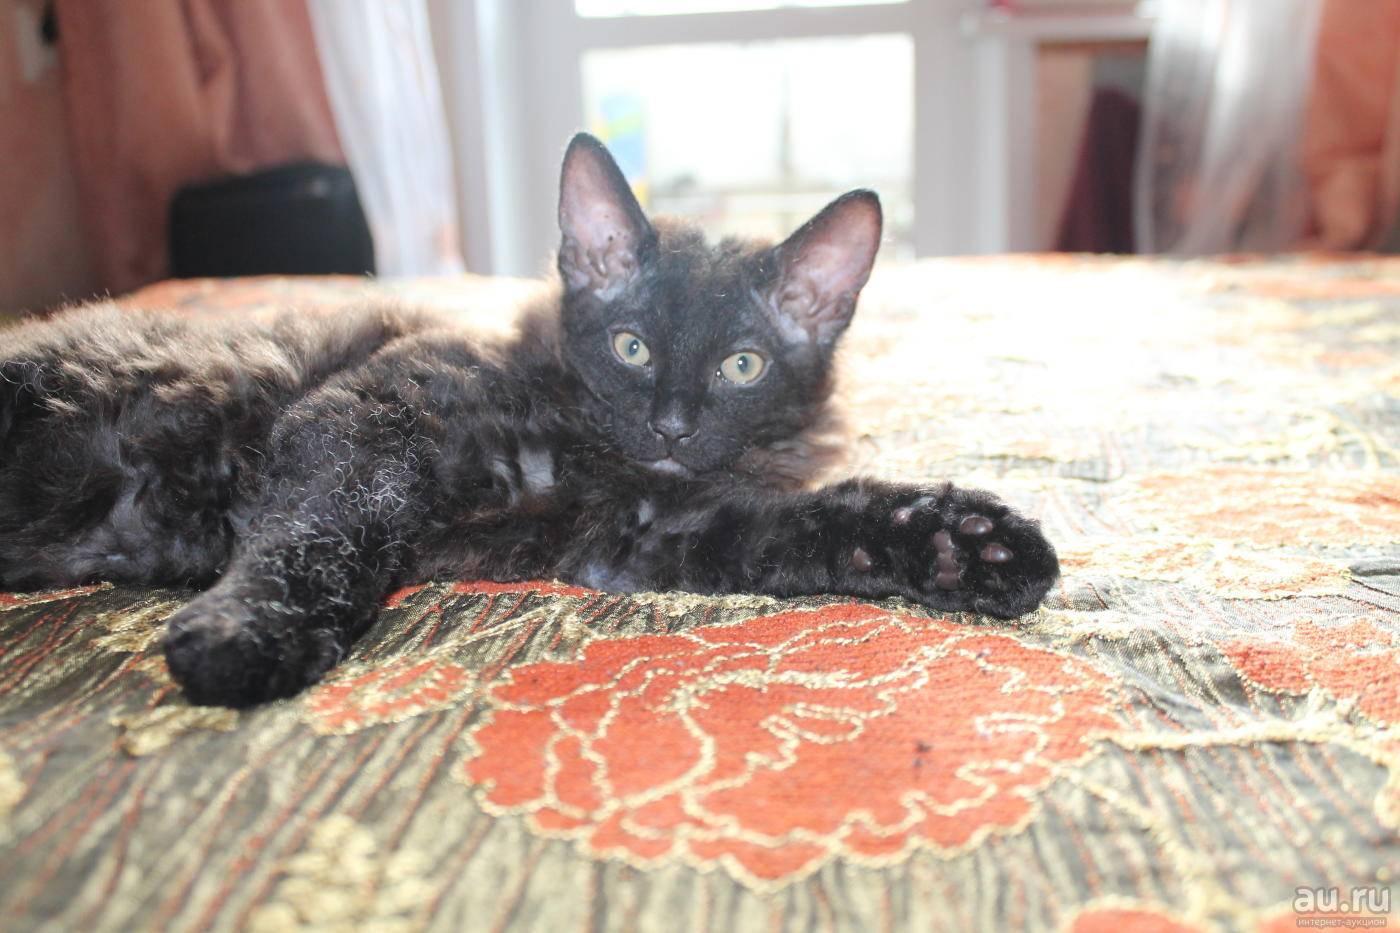 Примеры пород метисов кошки: смесь финкса и обычной, британской и другие примеры